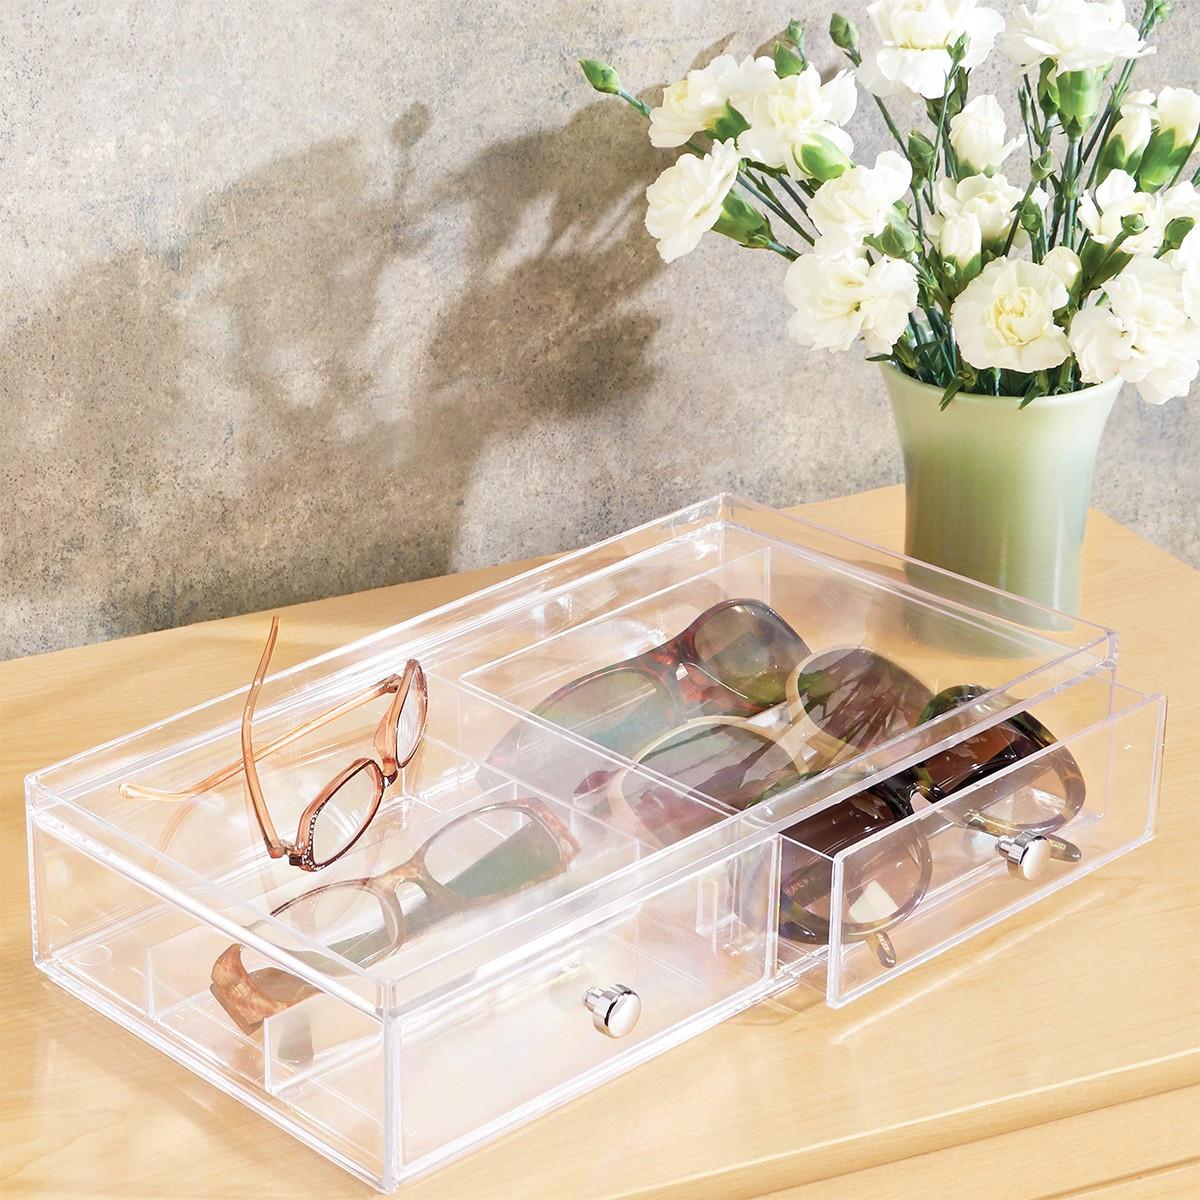 Bo te acrylique tiroir compartiments rangement lunettes - Boite de rangement maquillage ...